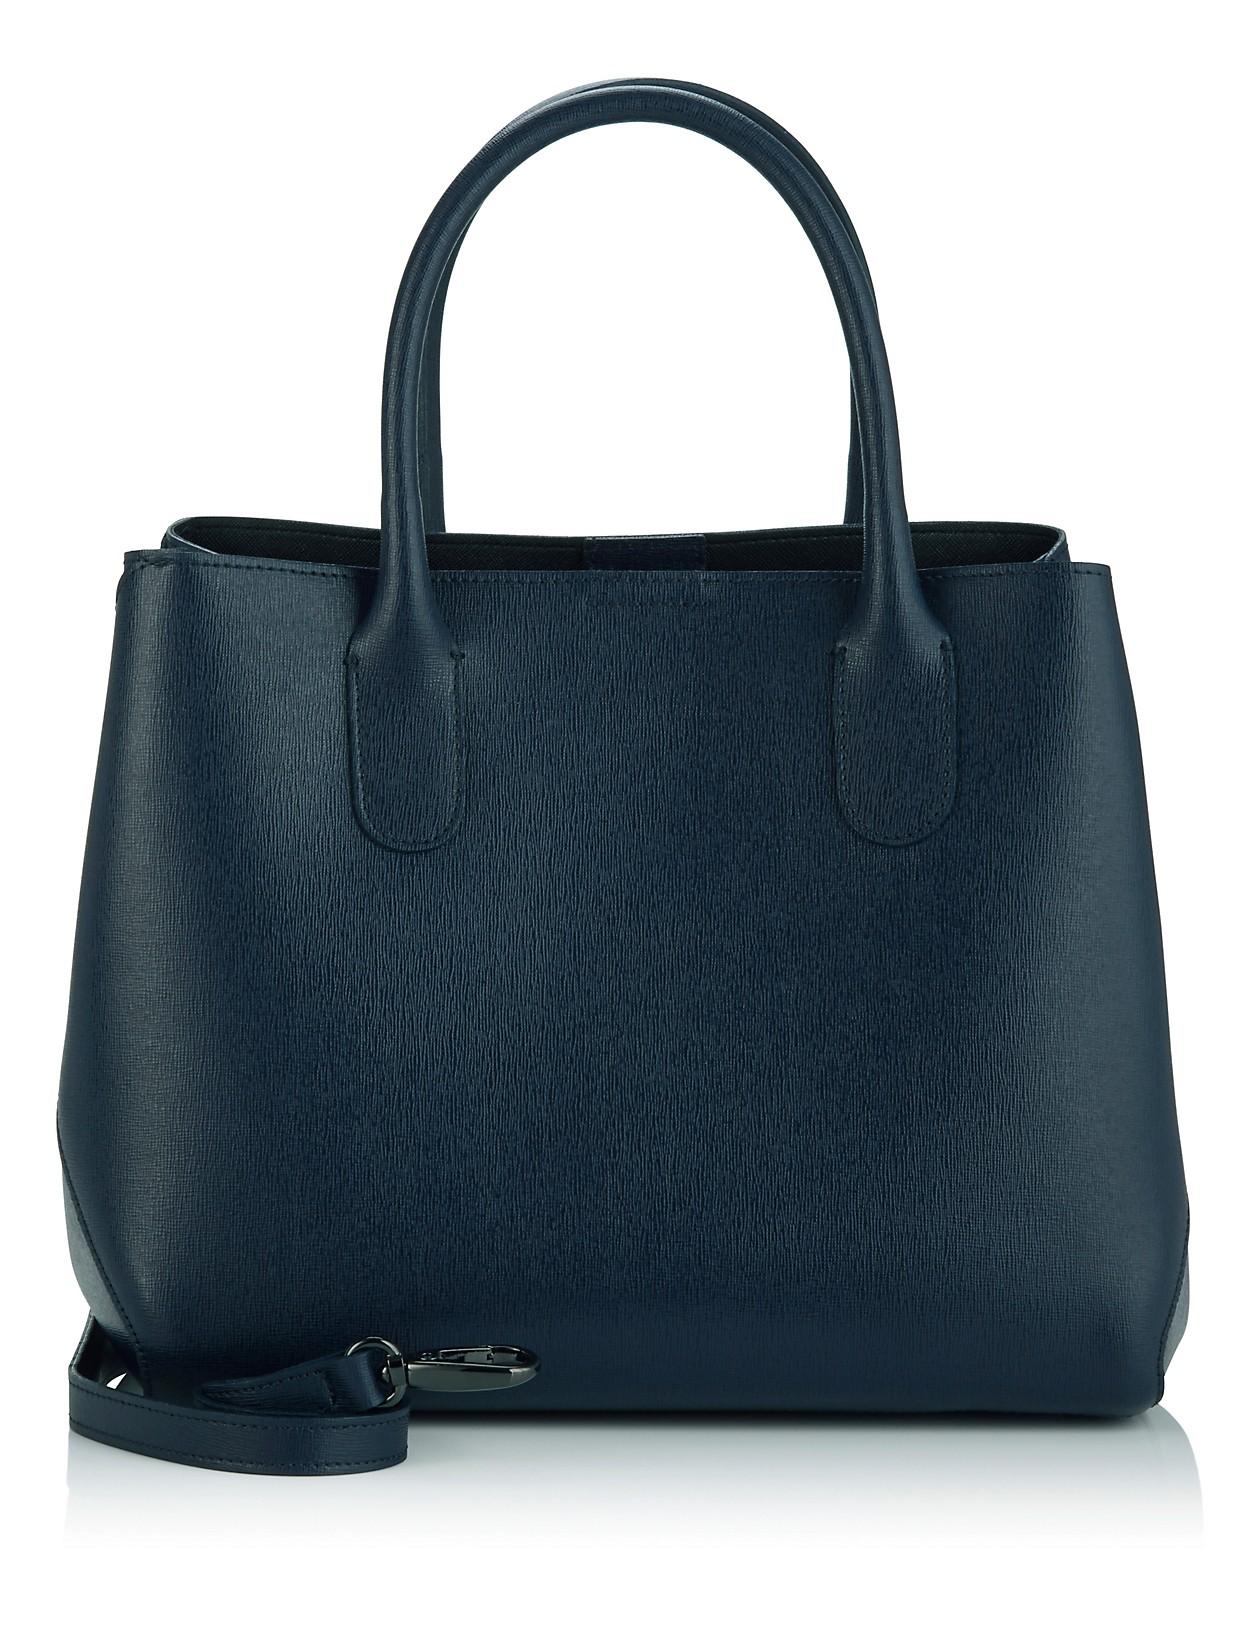 6904b6feff389 Handtasche mit kleiner Tasche